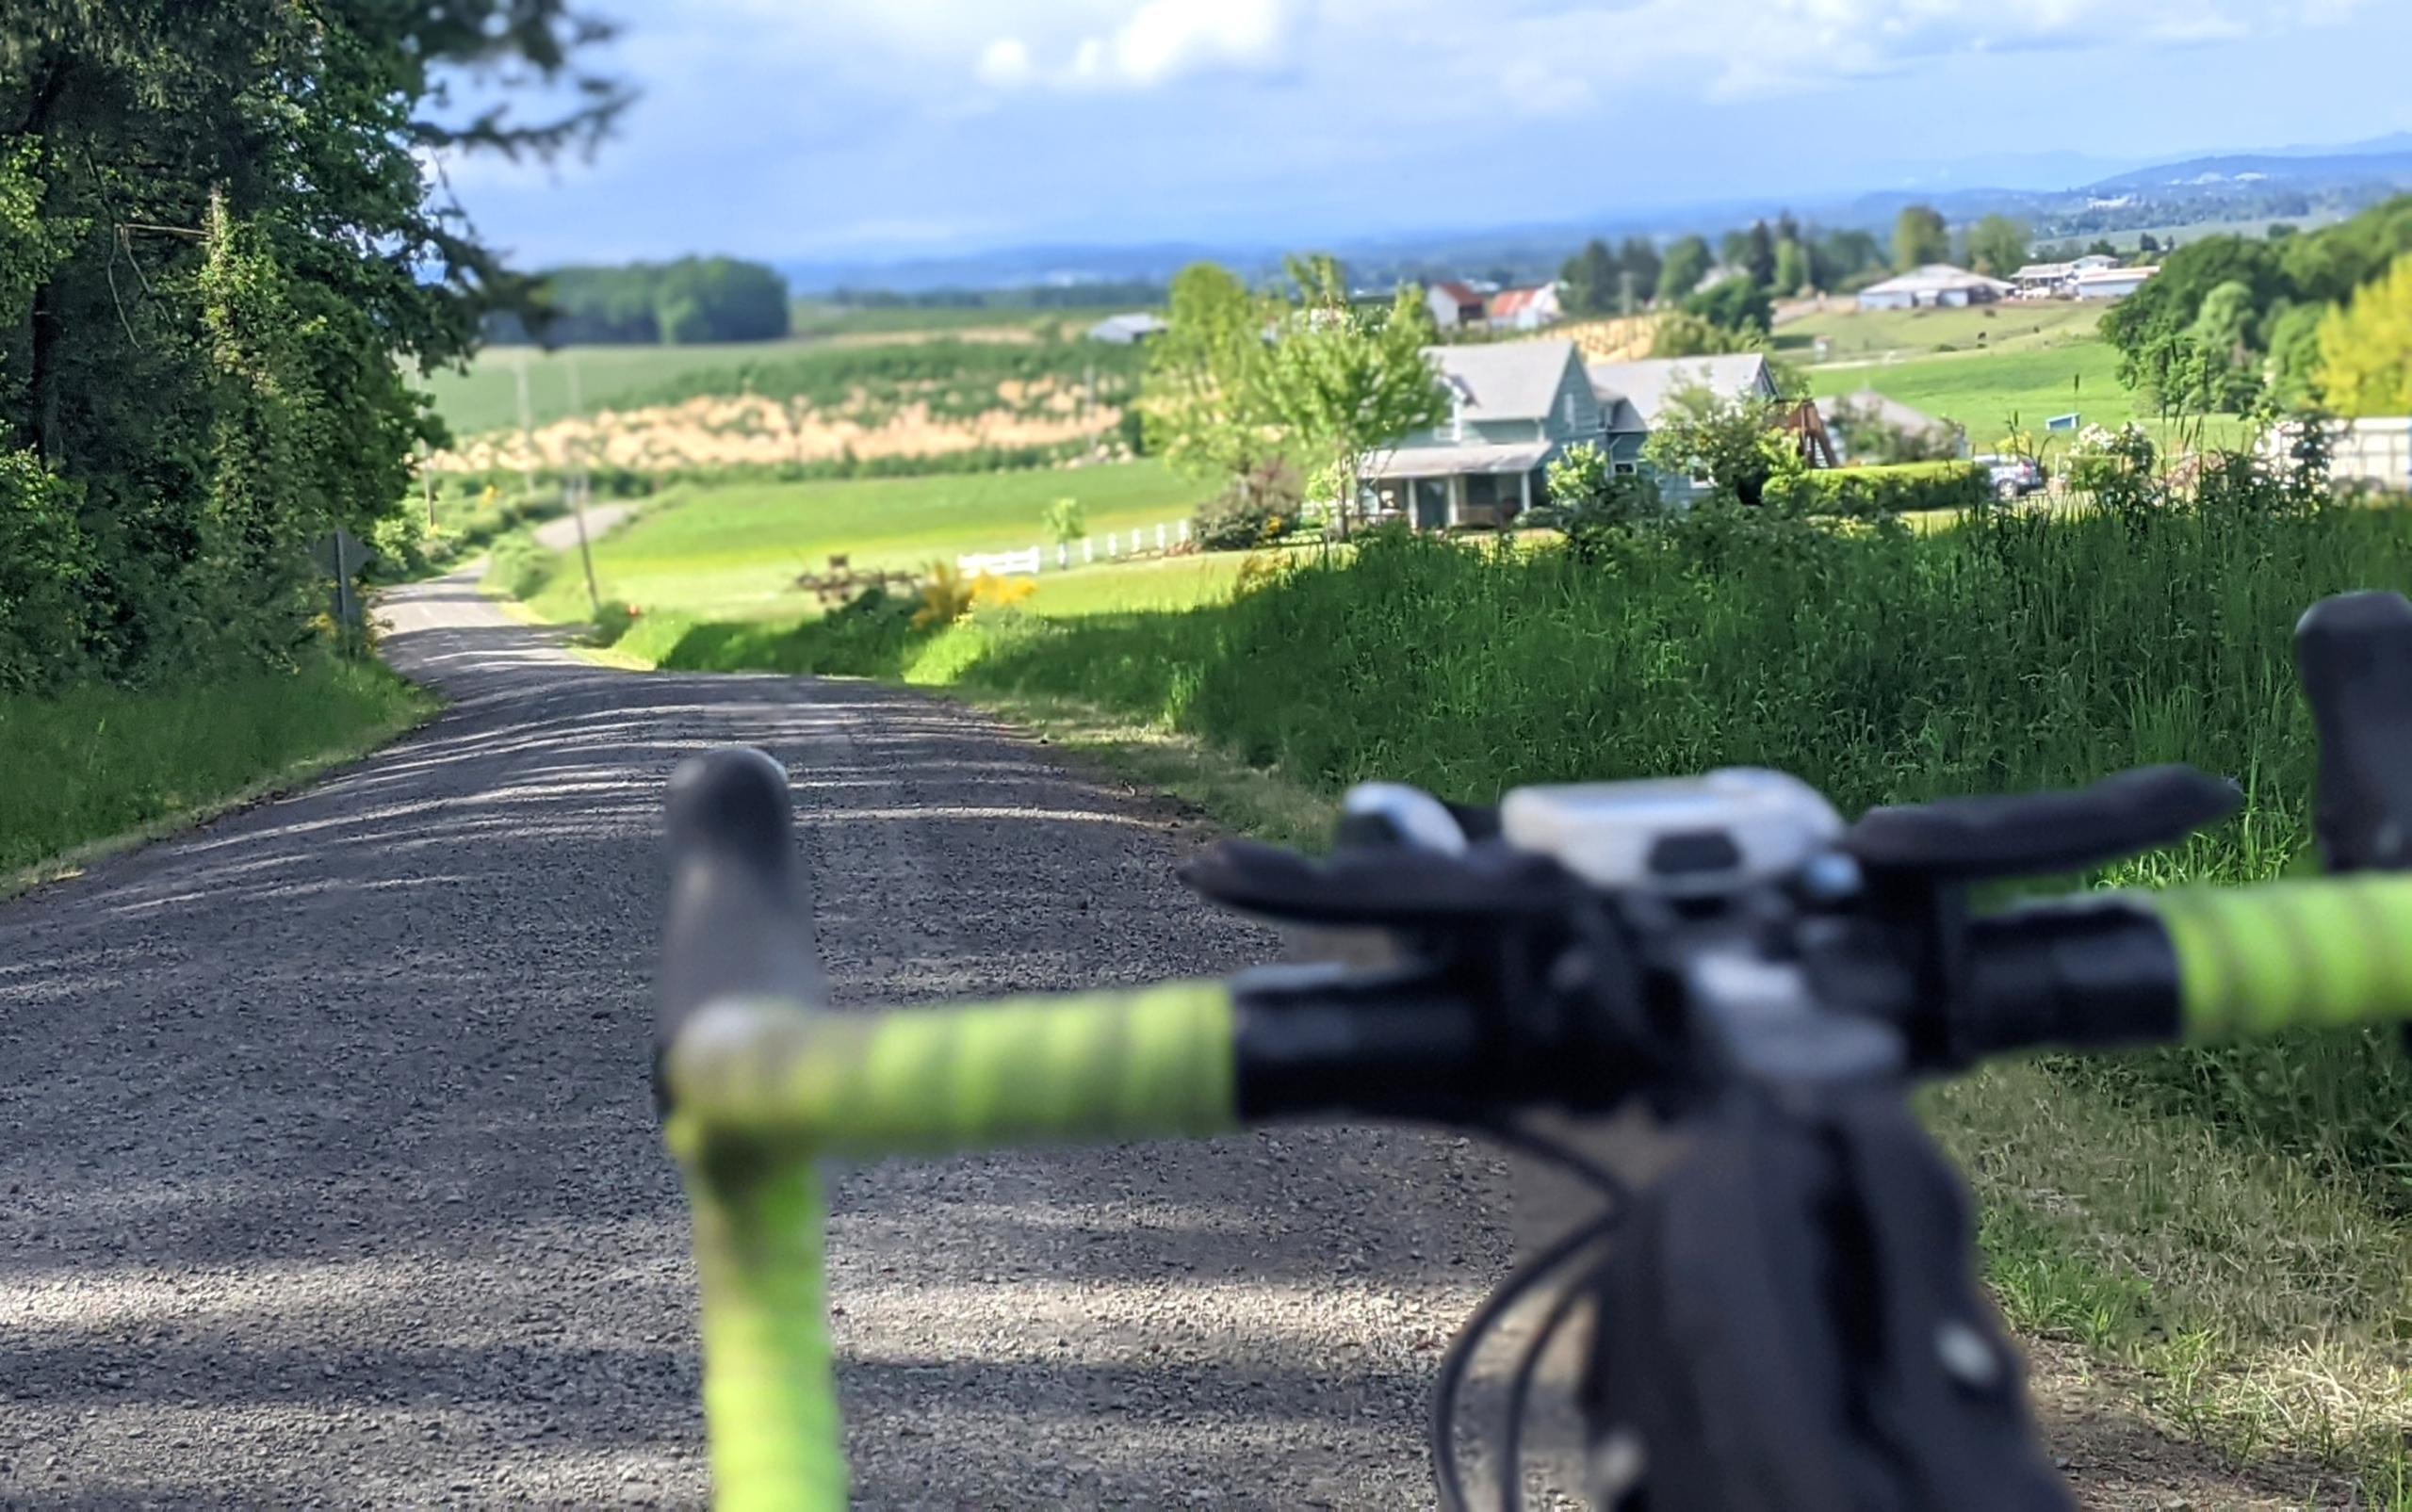 A view of farmland over bike handlebars